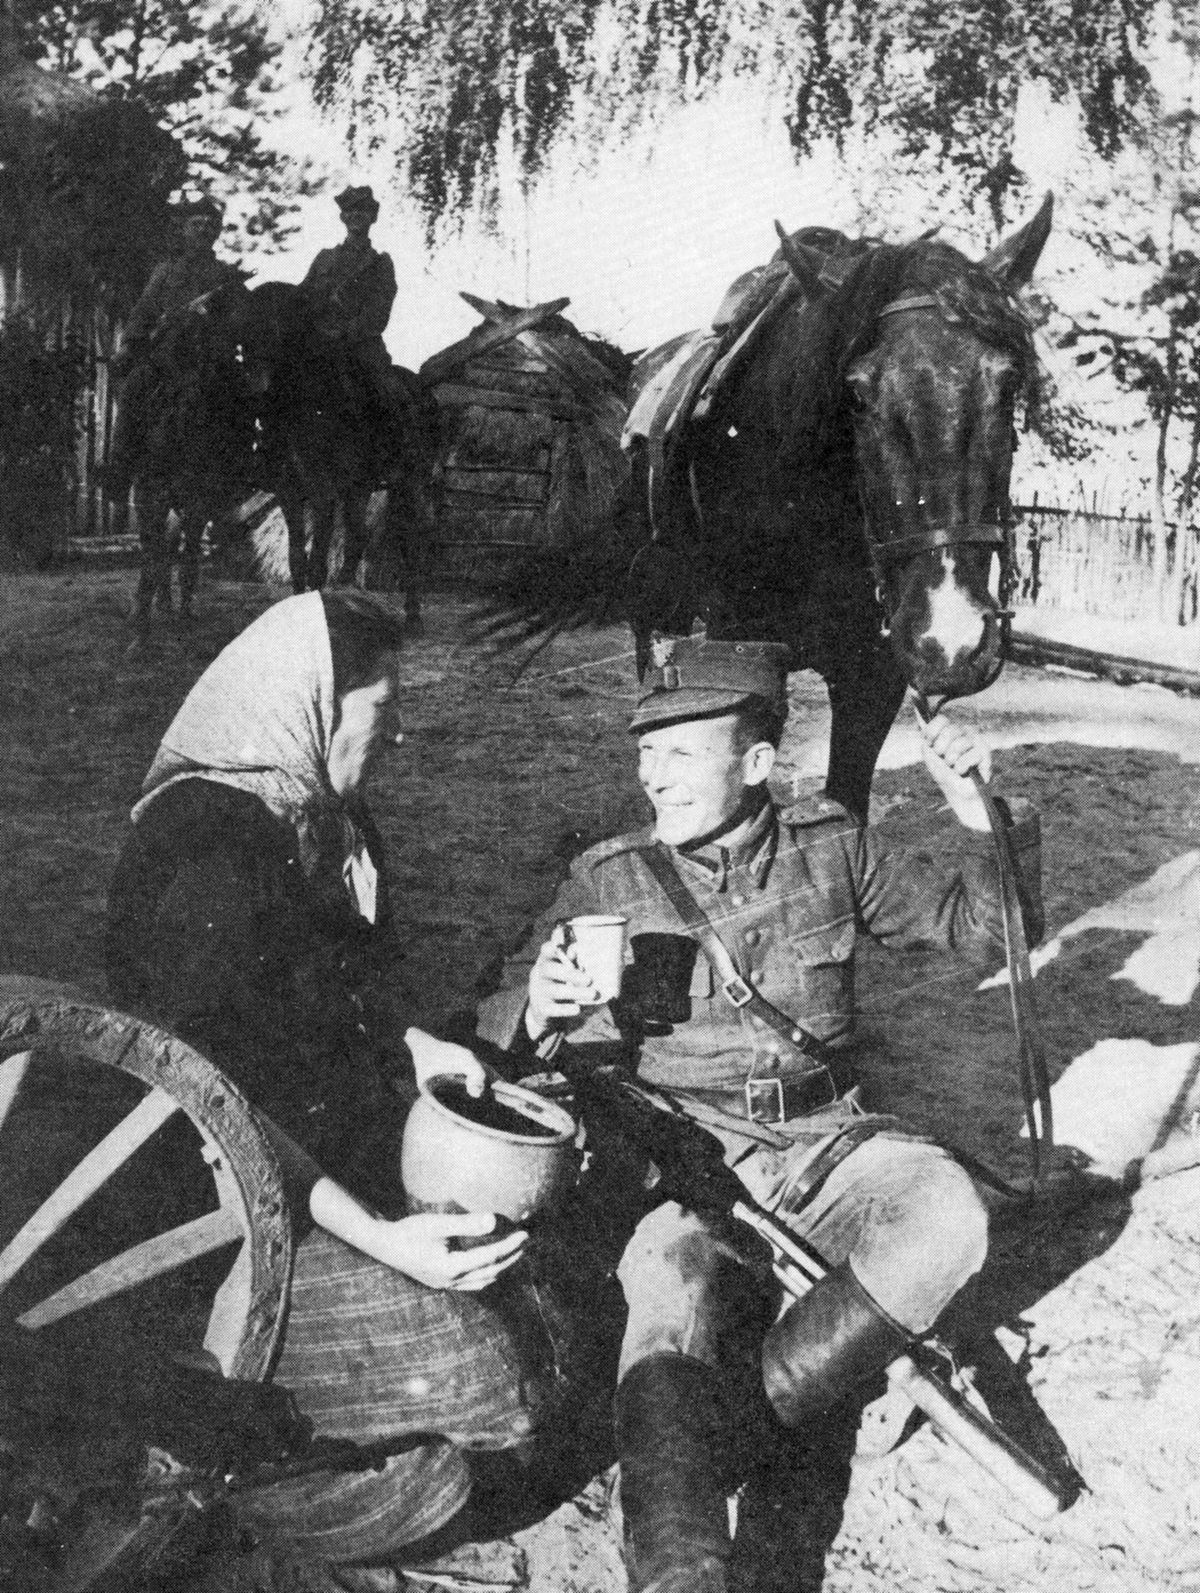 Znaczna większość żołnierzy 1. Warszawskiej Samodzielnej Brygady Kawalerii stanowili kawalerzyści rozpoczynający swoją służce jeszcze przed 1939 rokiem.